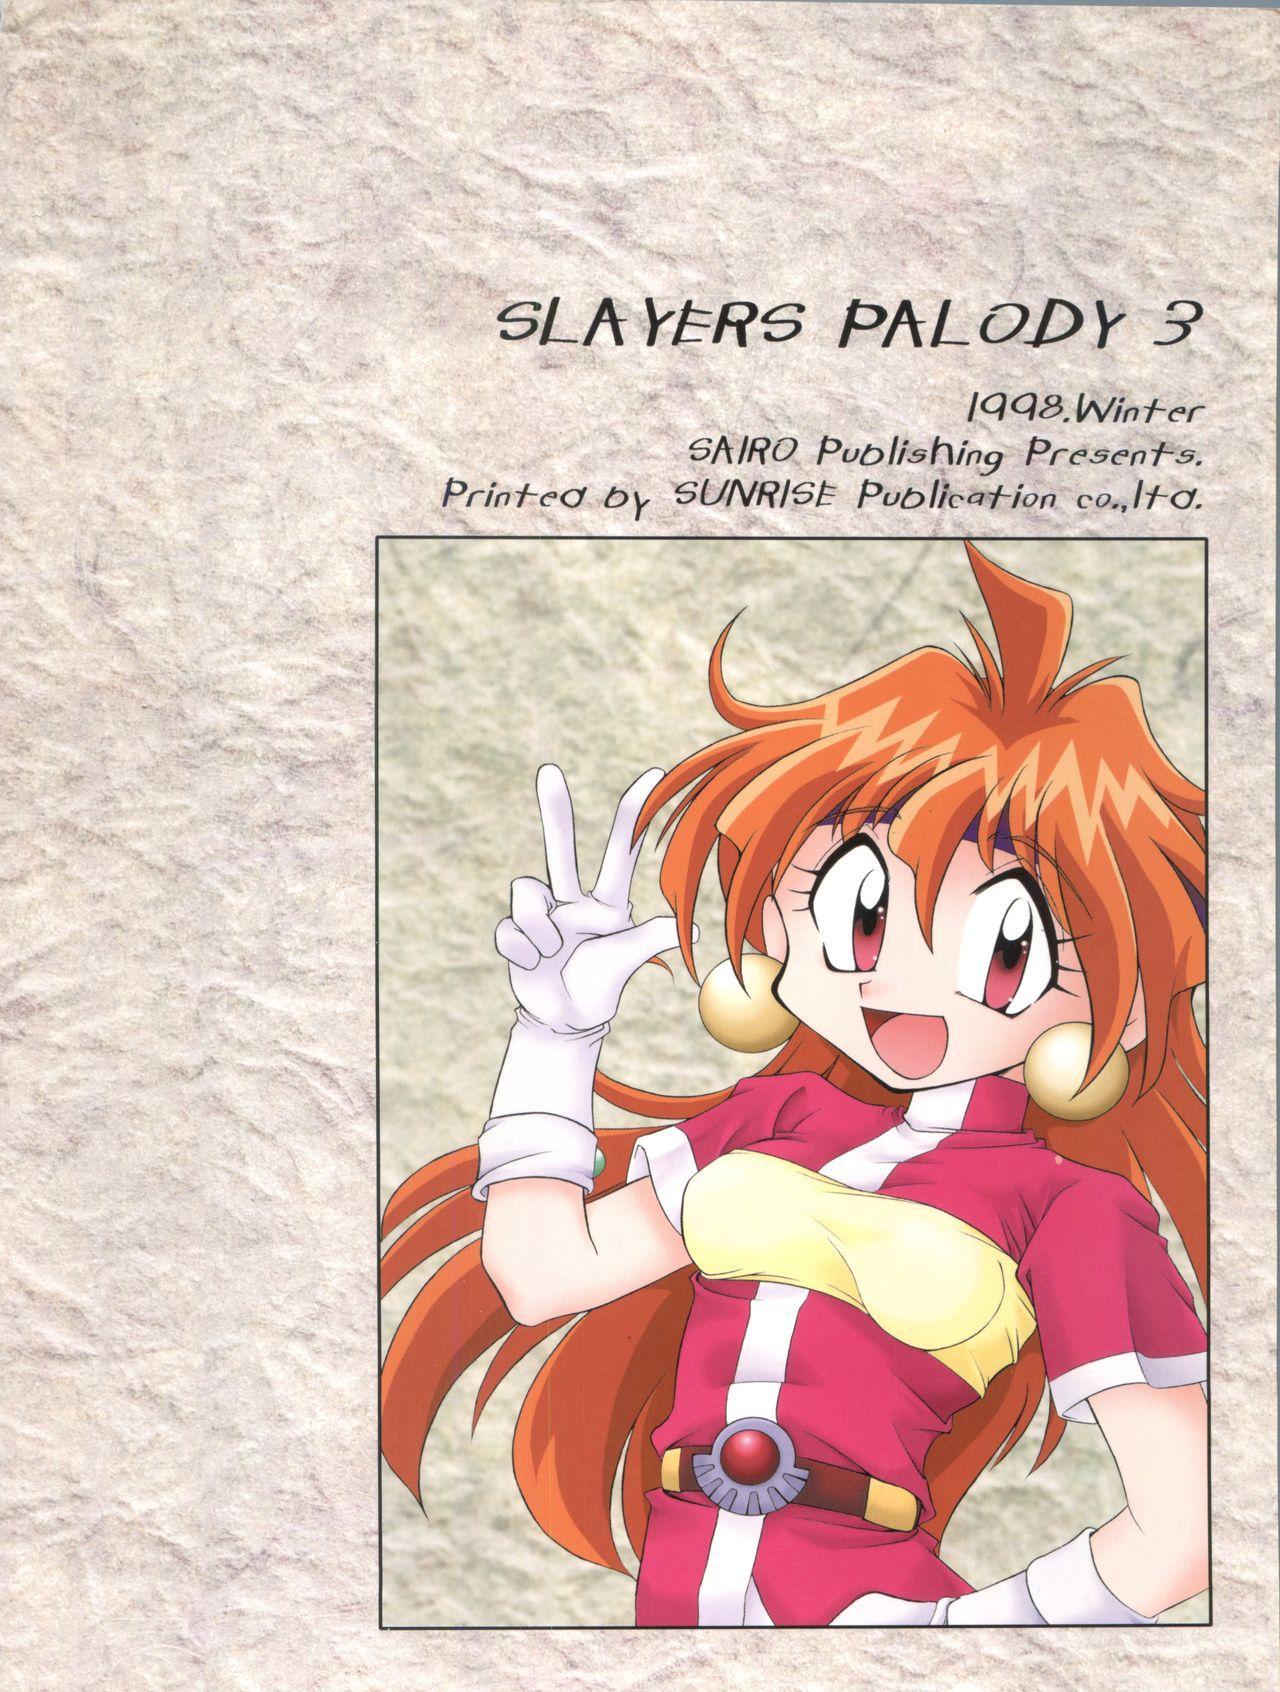 Slayers Parody 3 81